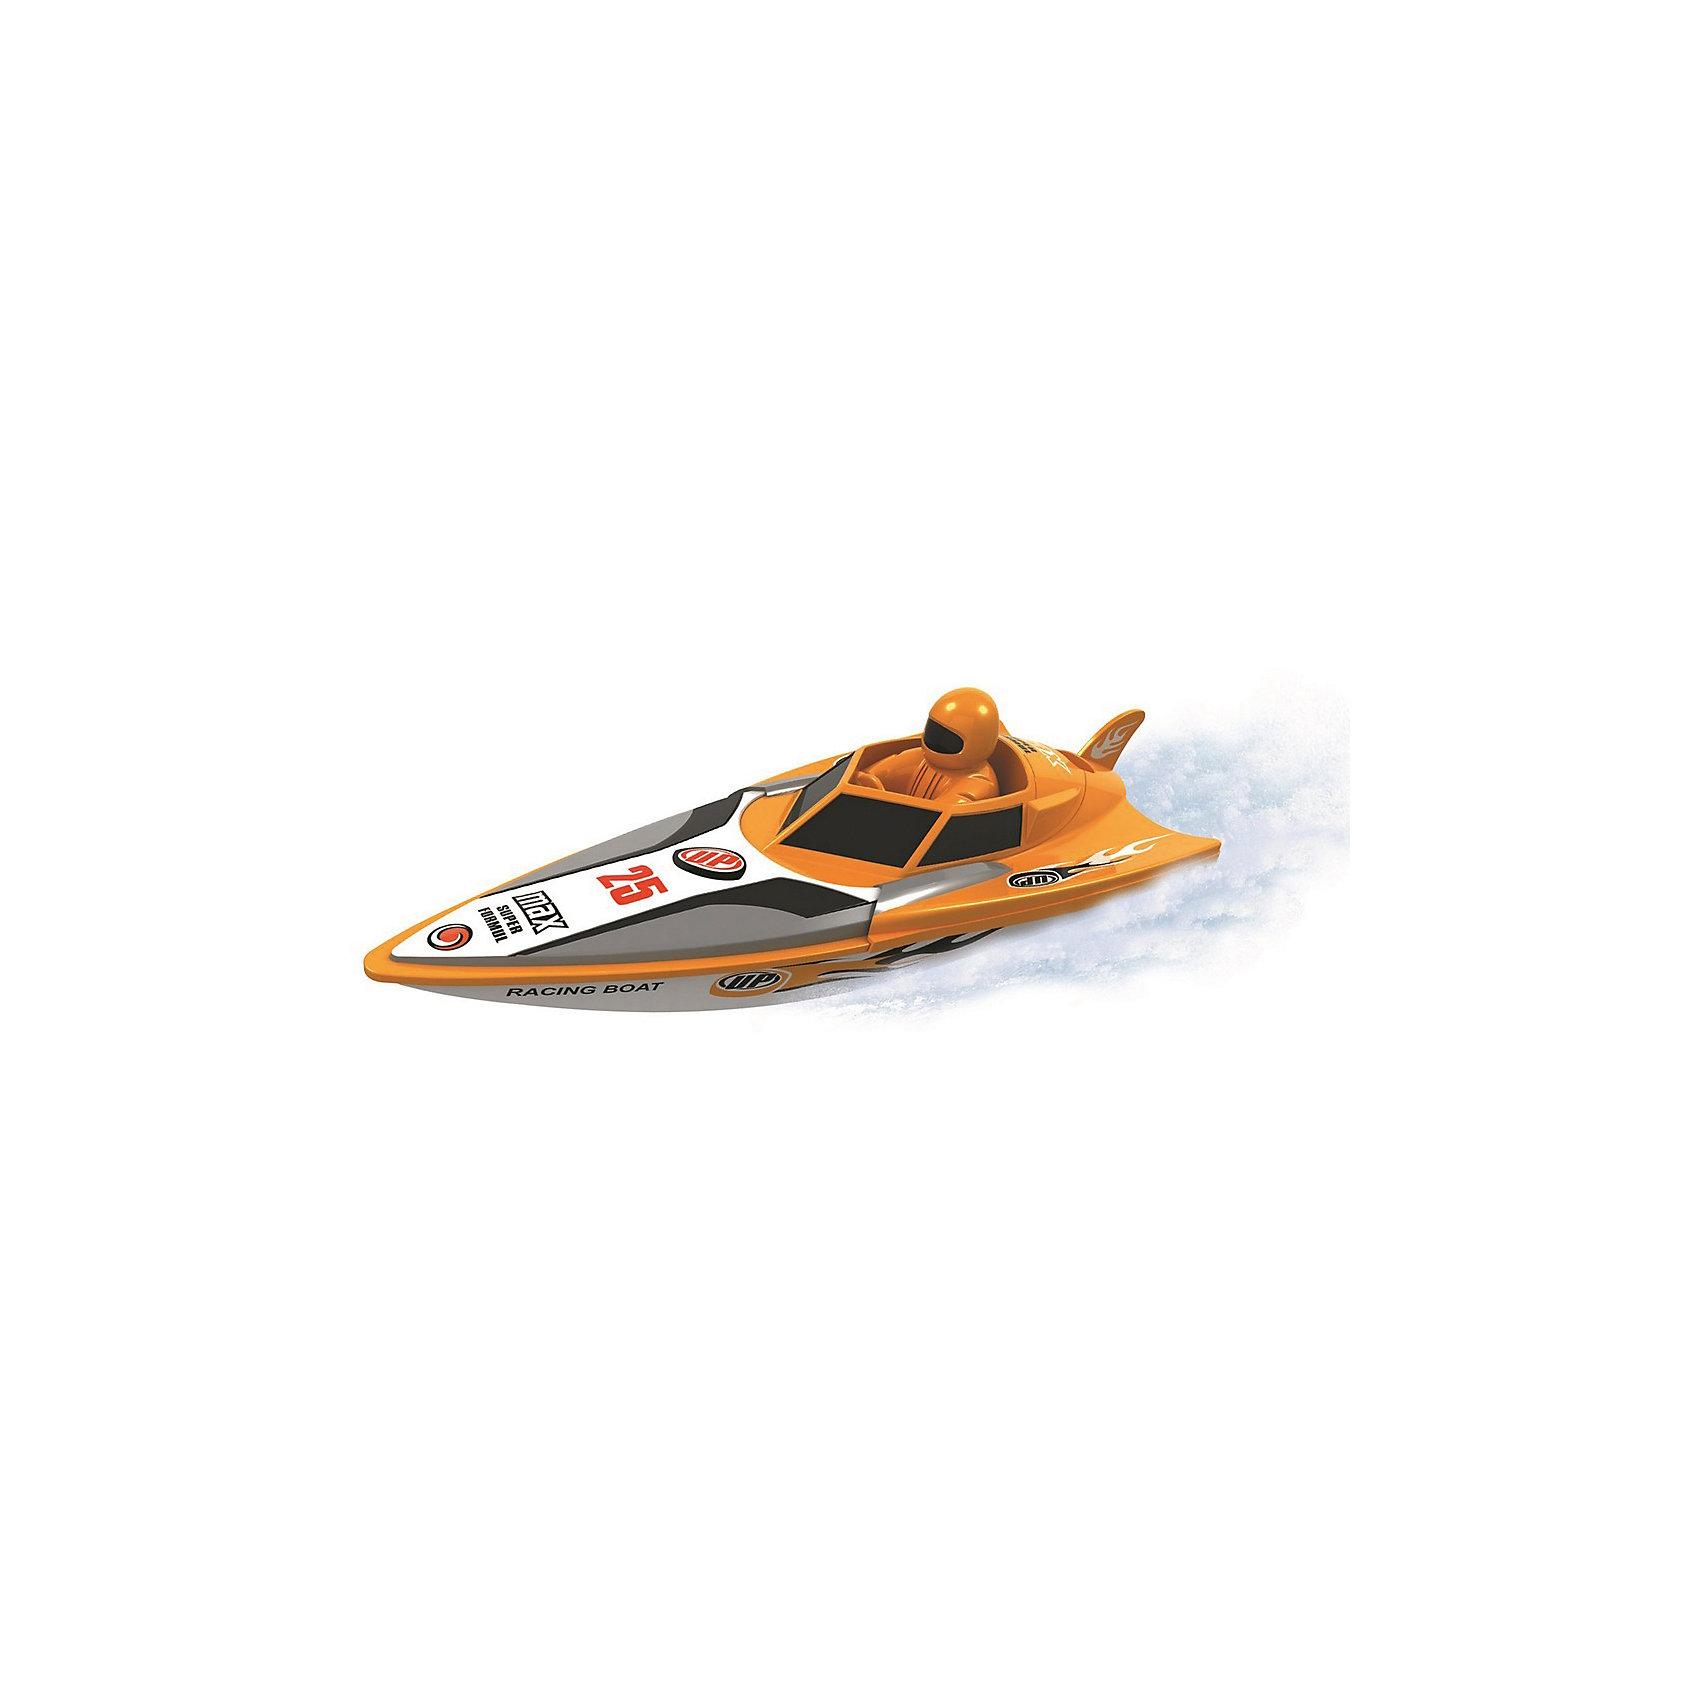 Гоночный катер на р/у Чемпионат 1:15, желтый, Властелин небесРадиоуправляемый транспорт<br>Гоночный катер на р/у Чемпионат 1:15, желтый, Властелин небес<br><br>Характеристики:<br><br>• спортивный дизайн<br>• копия настоящего судна в масштабе 1:15<br>• двигается вперед и назад<br>• поворачивается влево и вправо<br>• дальность действия: до 25 метров<br>• скорость до 15 км/ч<br>• время игры: 20 минут<br>• рабочая частота: 27 МГц<br>• питание: 4.8 аккумулятор Ni-MH<br>• время зарядки: 40 минут<br>• размер катера: 33х14х10 см<br>• батарейки для катера: АА - 4 шт. ( не входят в комплект)<br>• батарейки для пульта: АА - 2шт. (не входят в комплект)<br>• материал: пластик, металл<br>• размер упаковки: 36х19х11 см<br>• вес: 1014 грамм<br>• цвет: желтый<br><br>С радиоуправляемым катером Чемпионат можно устроить веселые гонки! Катер быстро движется по поверхности воды, развивая скорость до 15 км/ч. Дальность действия - 25 метров. Это позволит вам устраивать гонки на самые длинные дистанции. Спортивный дизайн с яркой расцветкой порадует любителей соревнований. Время игры при полной зарядке - до 20 минут. Зарядите катер в течение 40 минут и отправляйтесь за новыми приключениями!<br>Для работы необходимы 6 батареек АА (не входят в комплект)<br><br>Гоночный катер на р/у Чемпионат 1:15, желтый, Властелин небес вы можете купить в нашем интернет-магазине.<br><br>Ширина мм: 115<br>Глубина мм: 355<br>Высота мм: 190<br>Вес г: 790<br>Возраст от месяцев: 96<br>Возраст до месяцев: 2147483647<br>Пол: Мужской<br>Возраст: Детский<br>SKU: 5397098